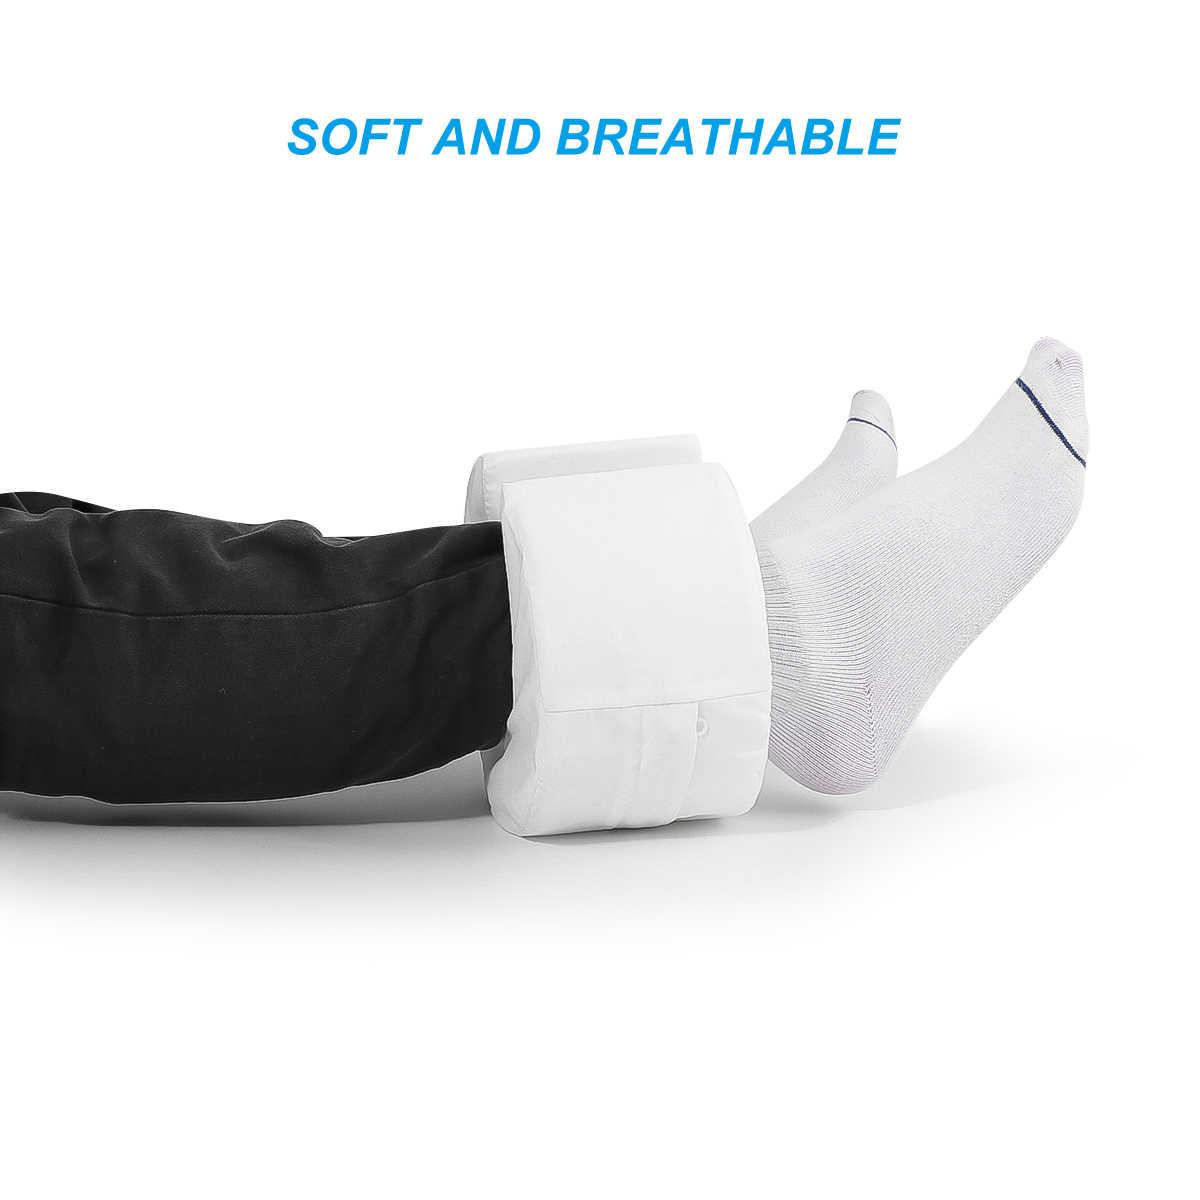 SUPVOX רגל מעלית תמיכה כרית קצף רגל כרית שאר להקל על רגל לחץ קרסול כרית למנוחה שינה